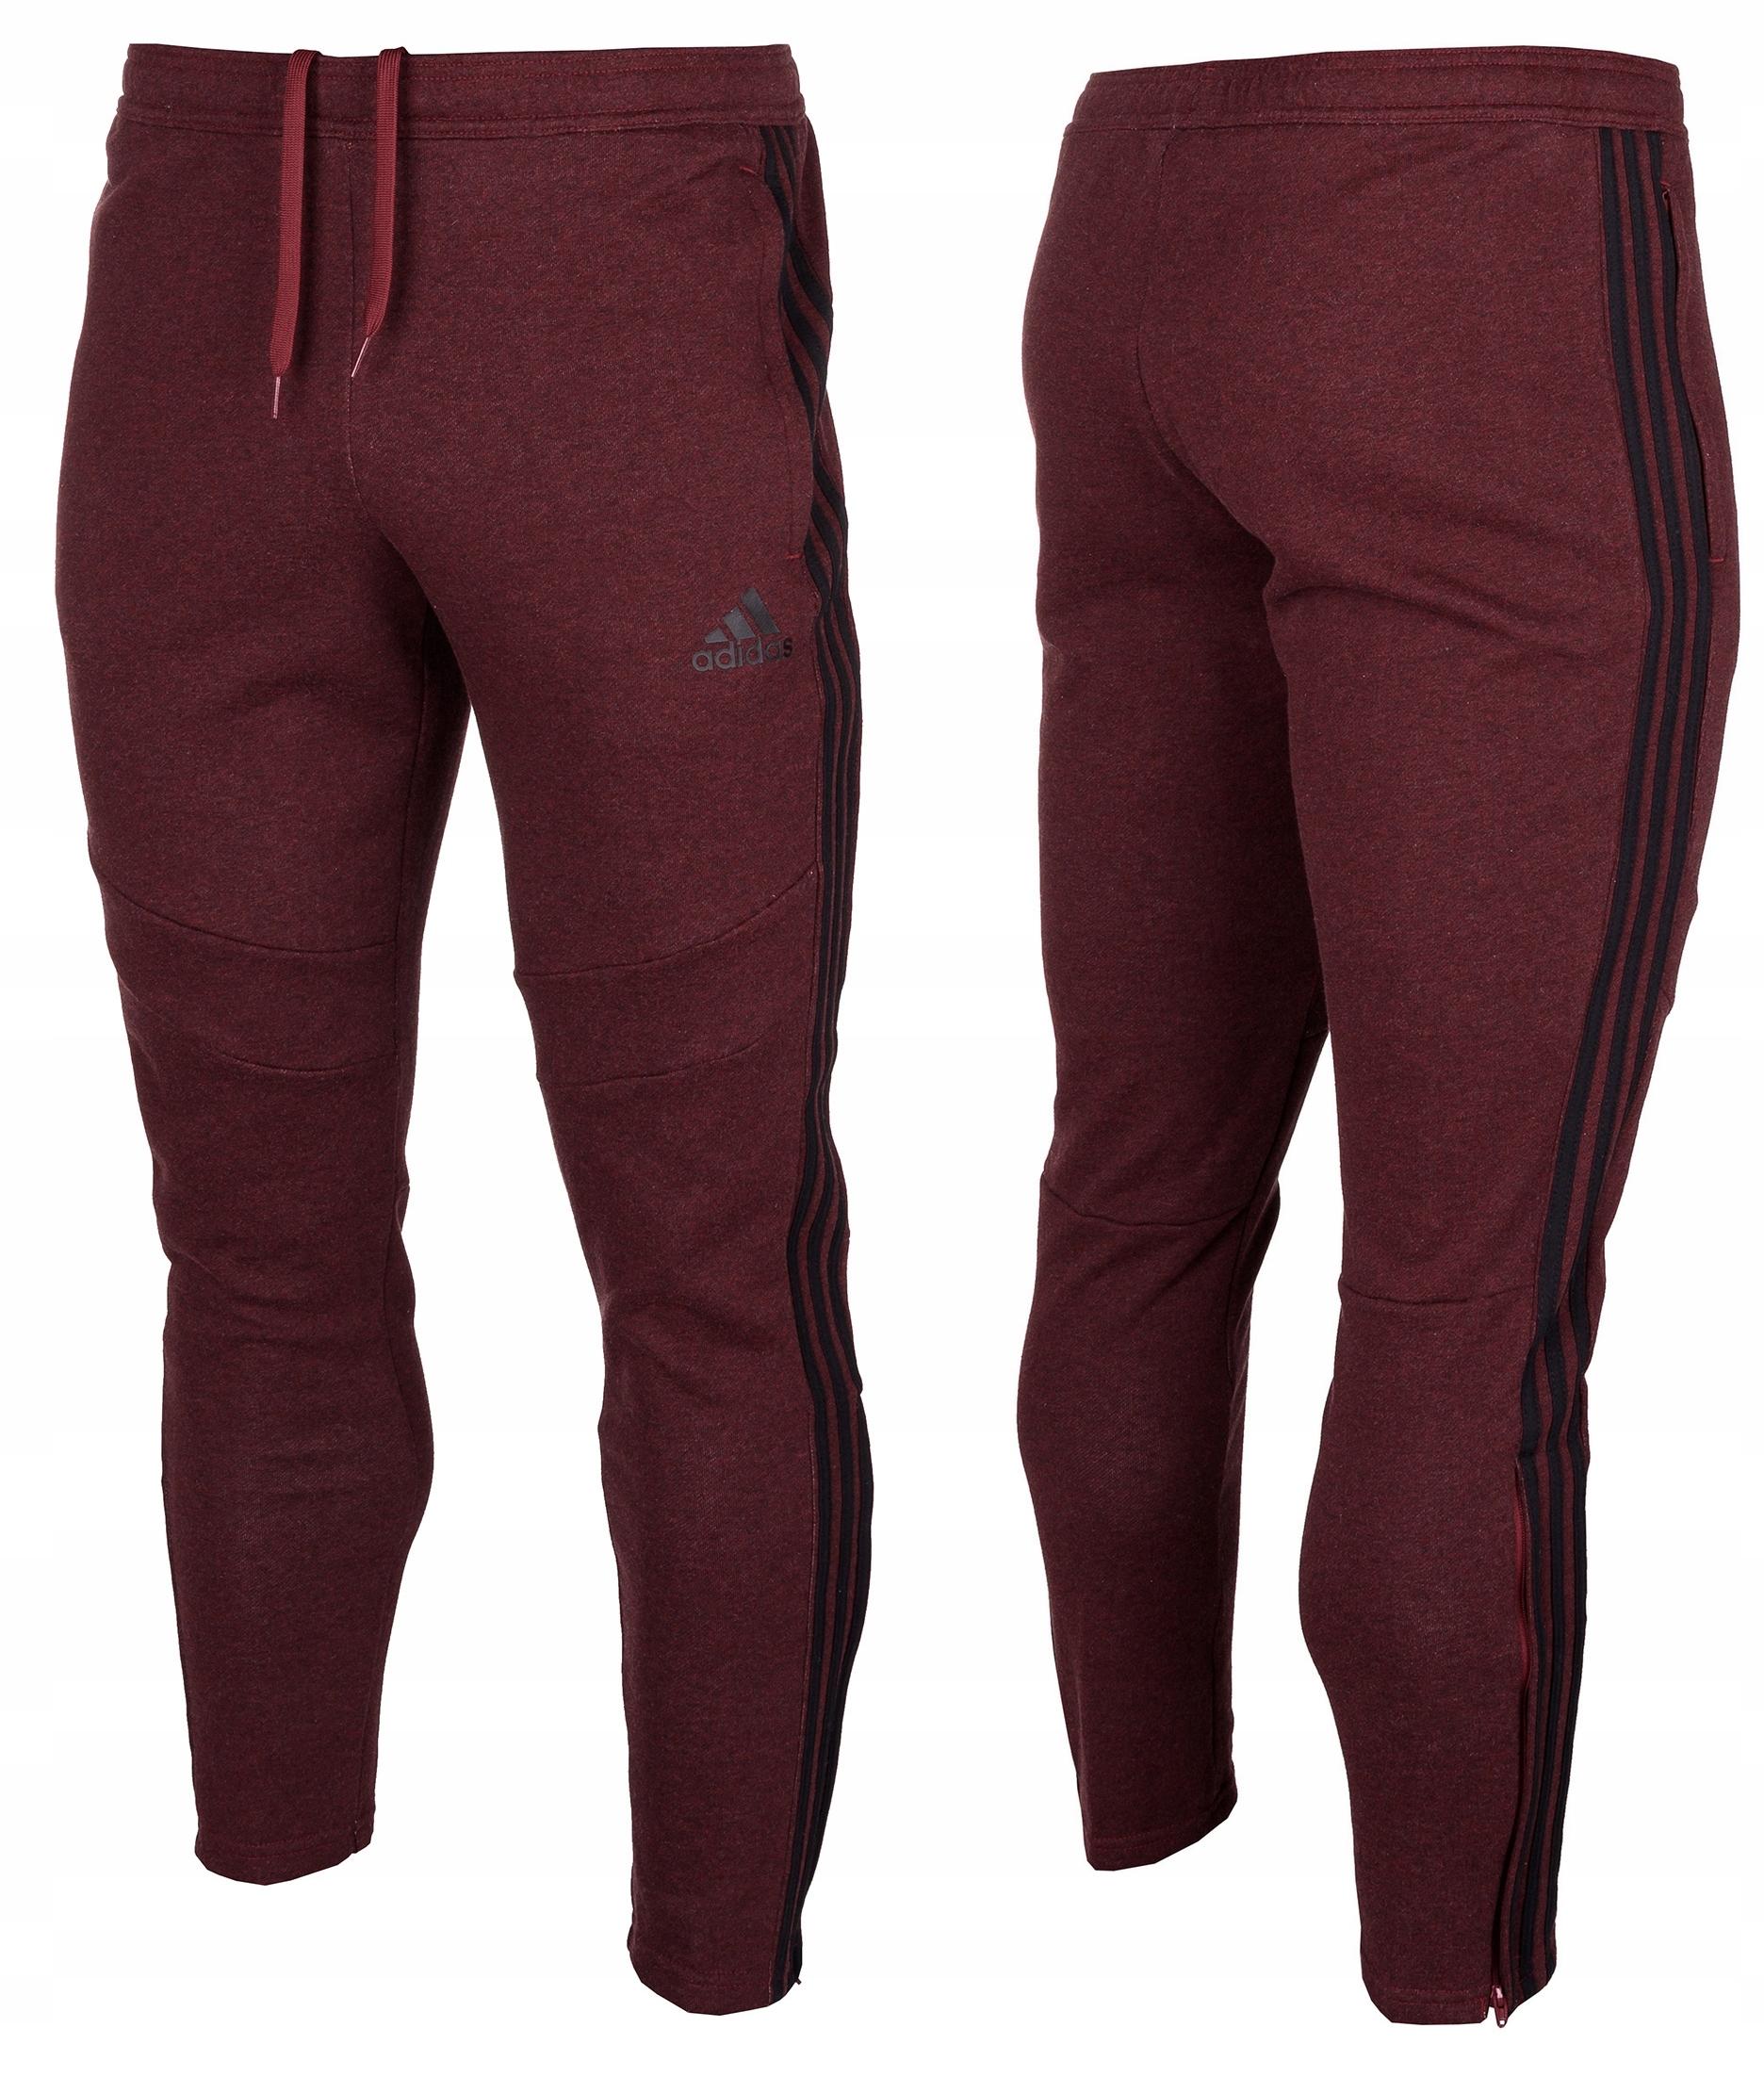 Спортивные штаны Adidas мужские Tiro 19 хлопок M